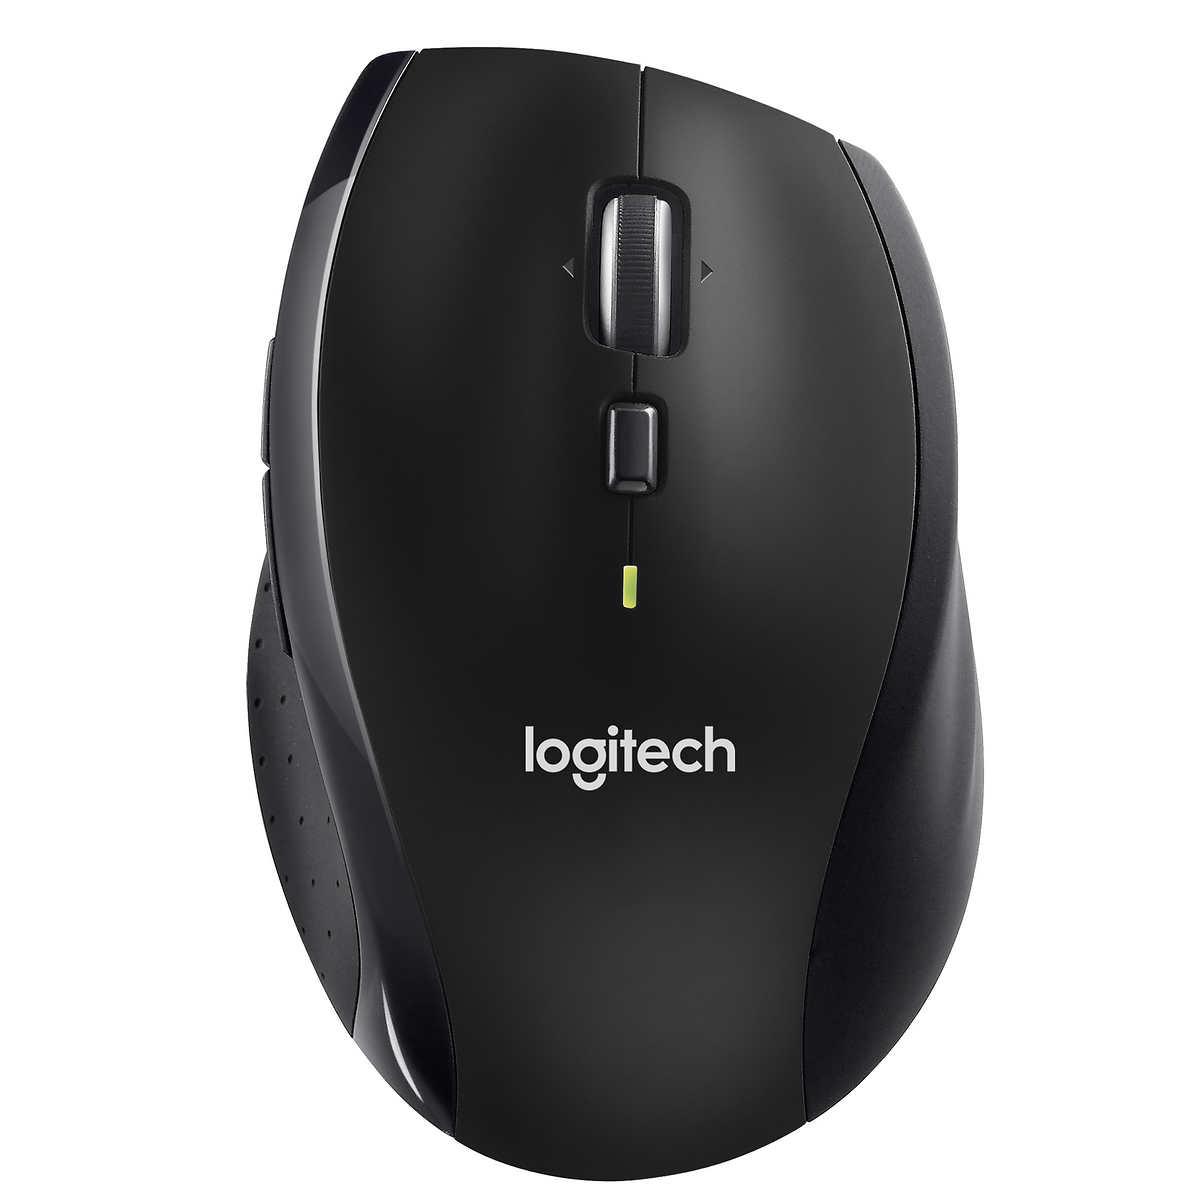 Logitech Performance Plus Mouse